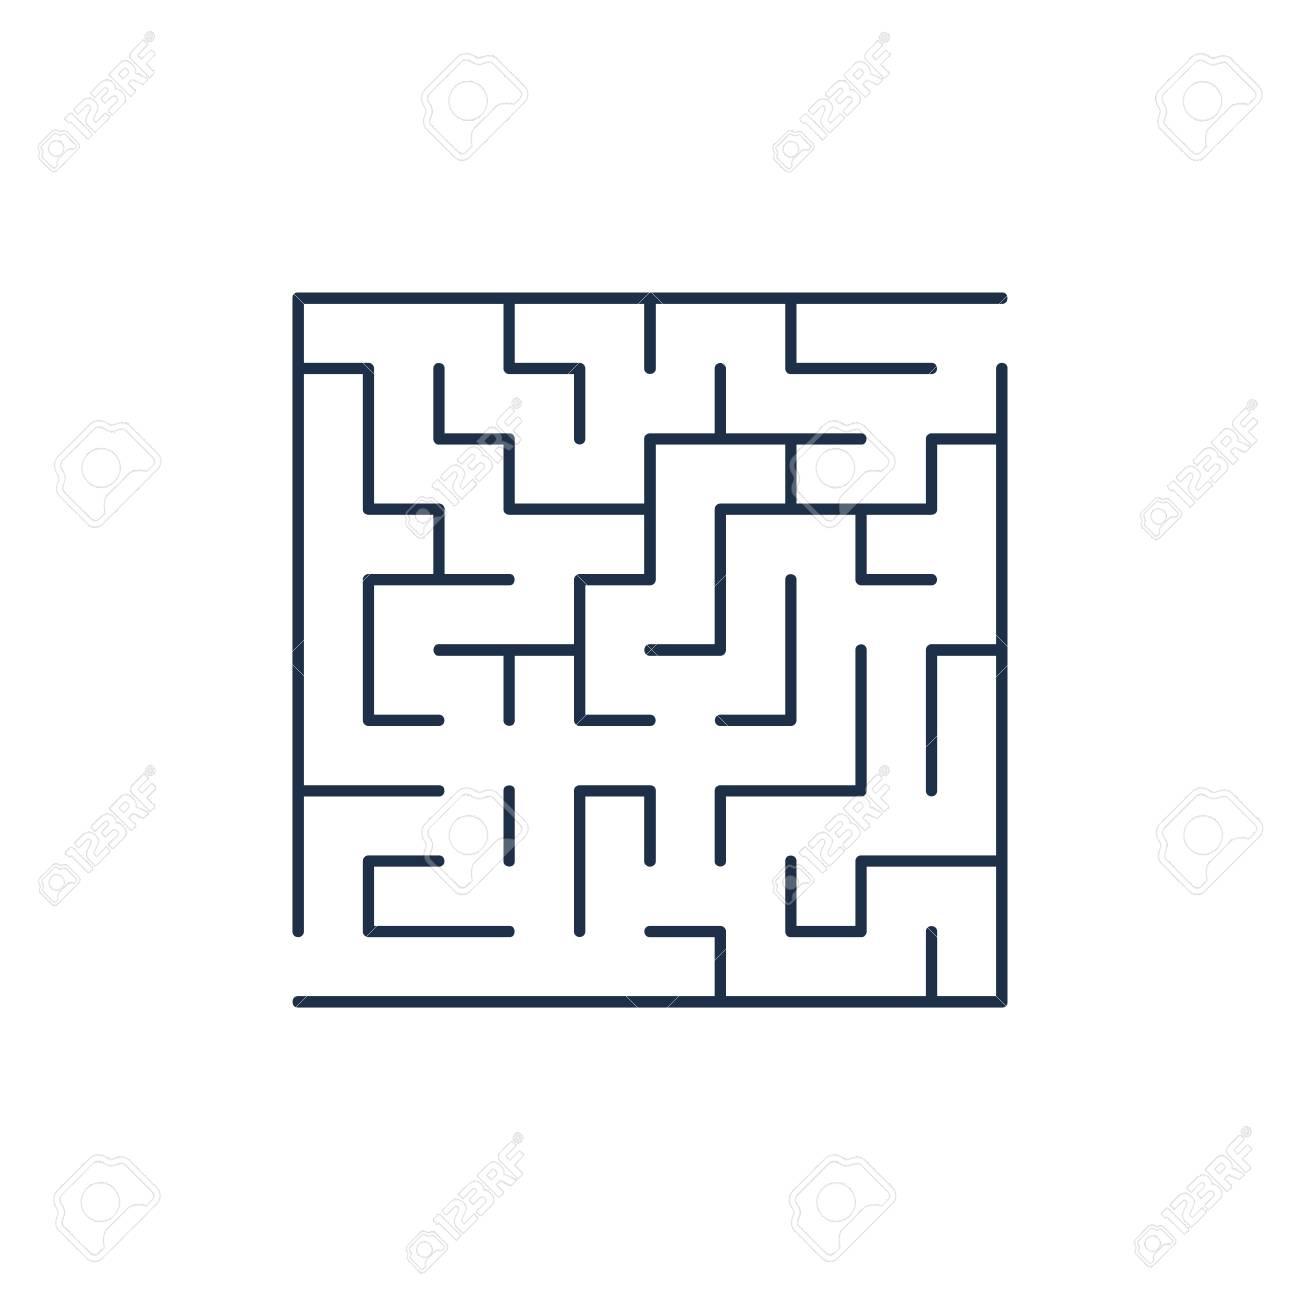 ベクトル簡単迷路 迷路や迷宮入り口と出口に のイラスト素材 ベクタ Image